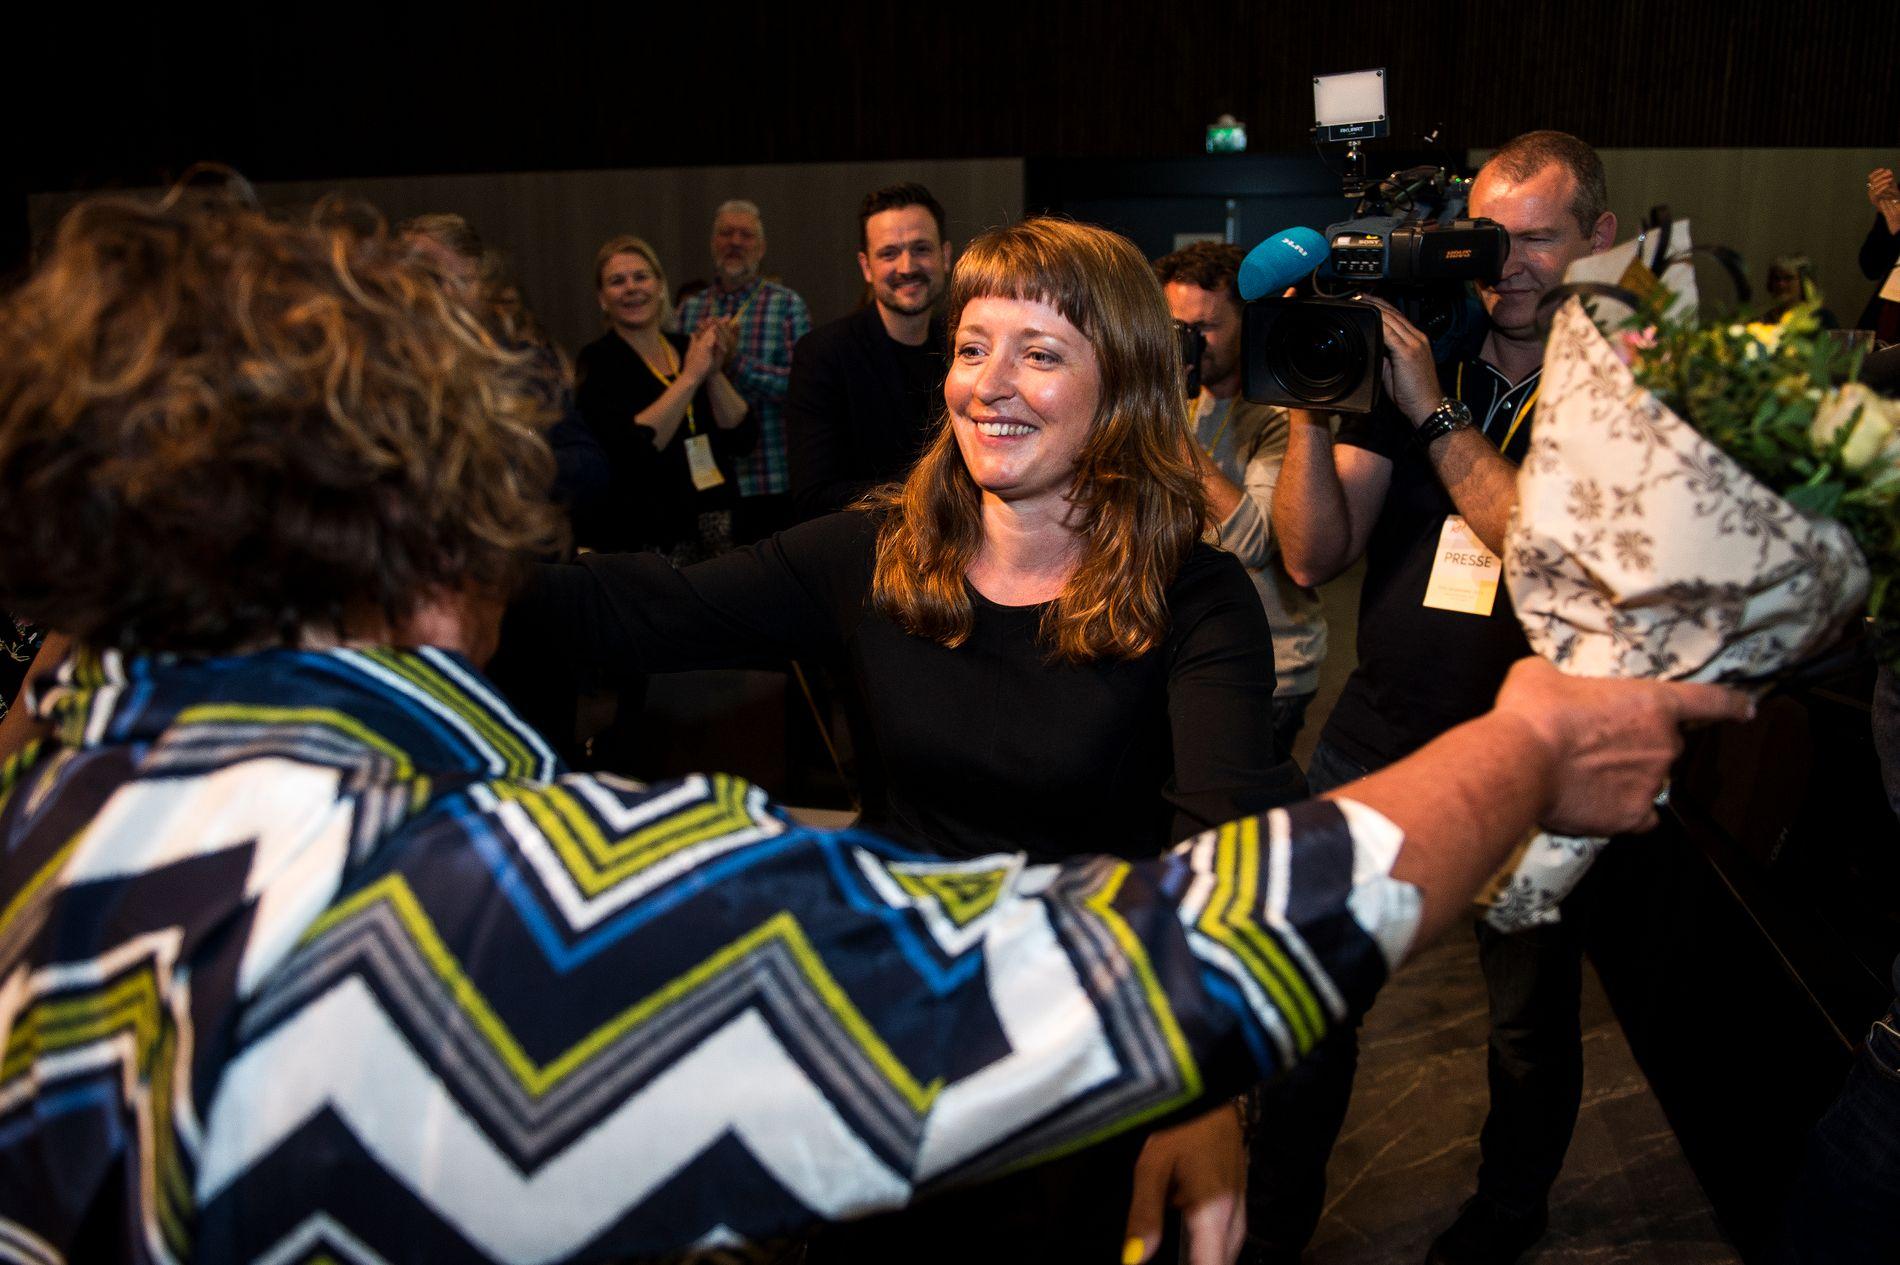 KRF-KOMET: Ingelin Noresjø fra Nordland ble valgt inn som nestleder i KrF sammen med den andre nestlederen Olaug Bollestad (med ryggen til) på Krf-landsmøtet på Sola i april.